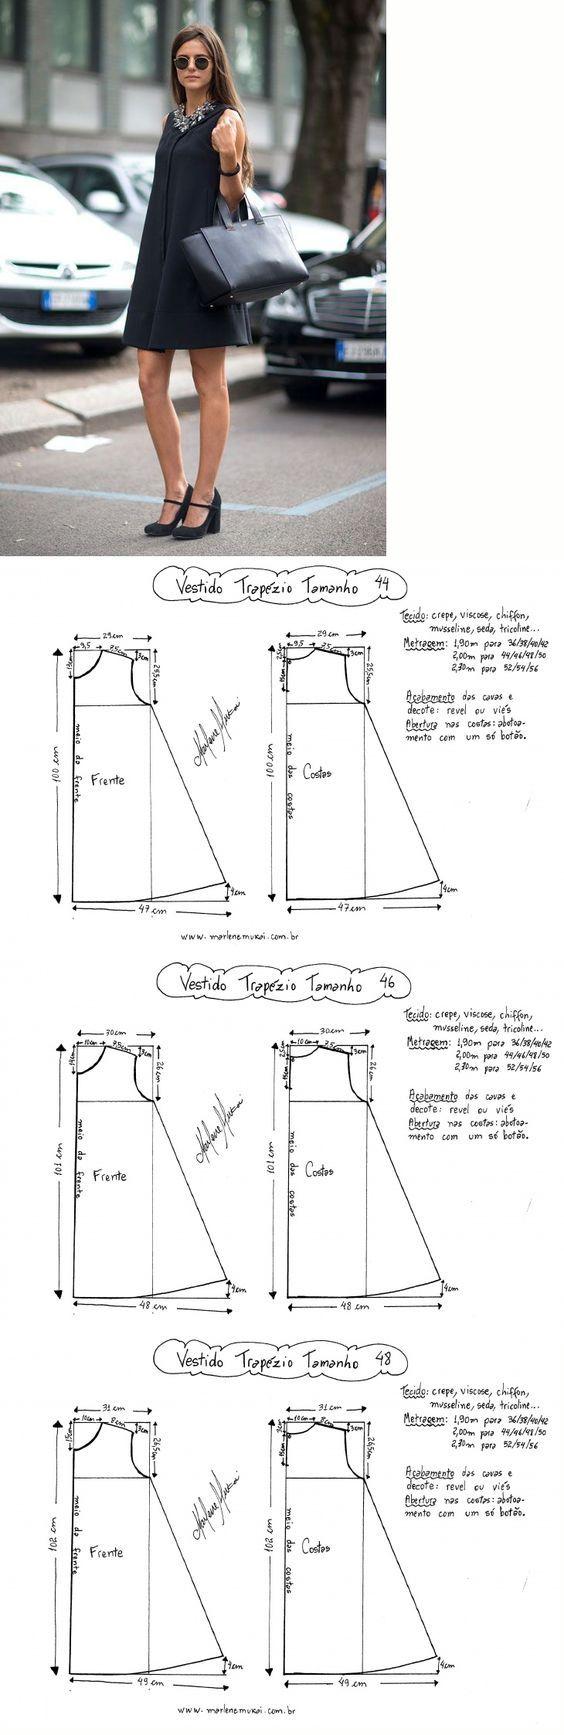 Molde vestido trapézio 44